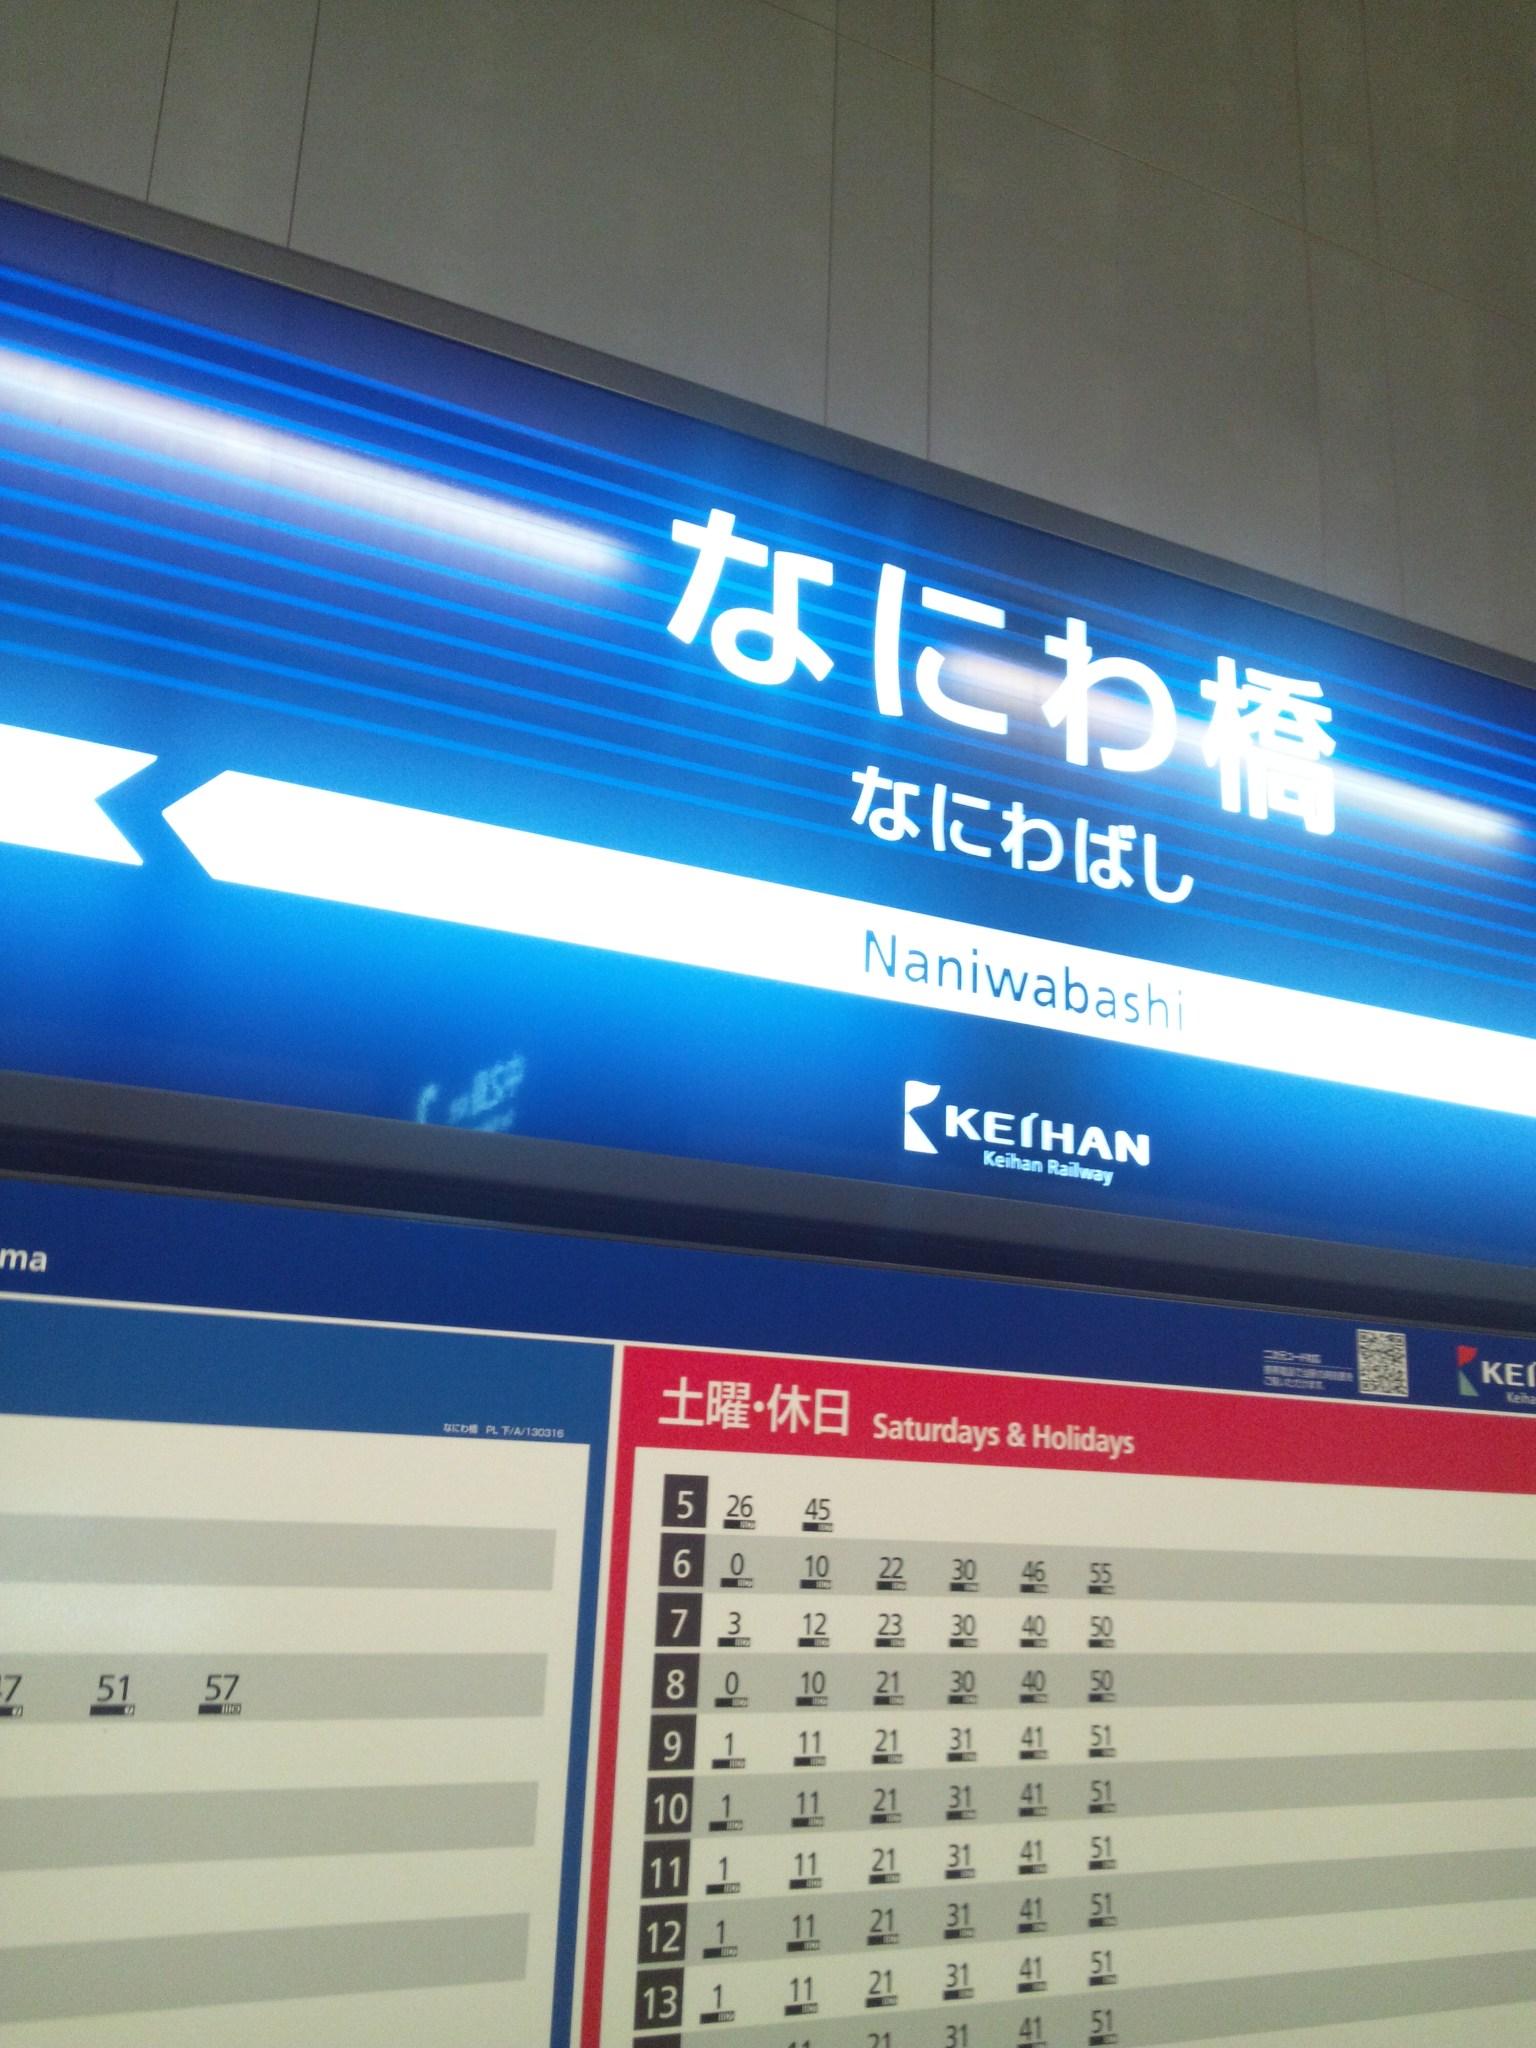 大阪周遊パス優待施設完全制覇の旅その3_c0001670_11225481.jpg